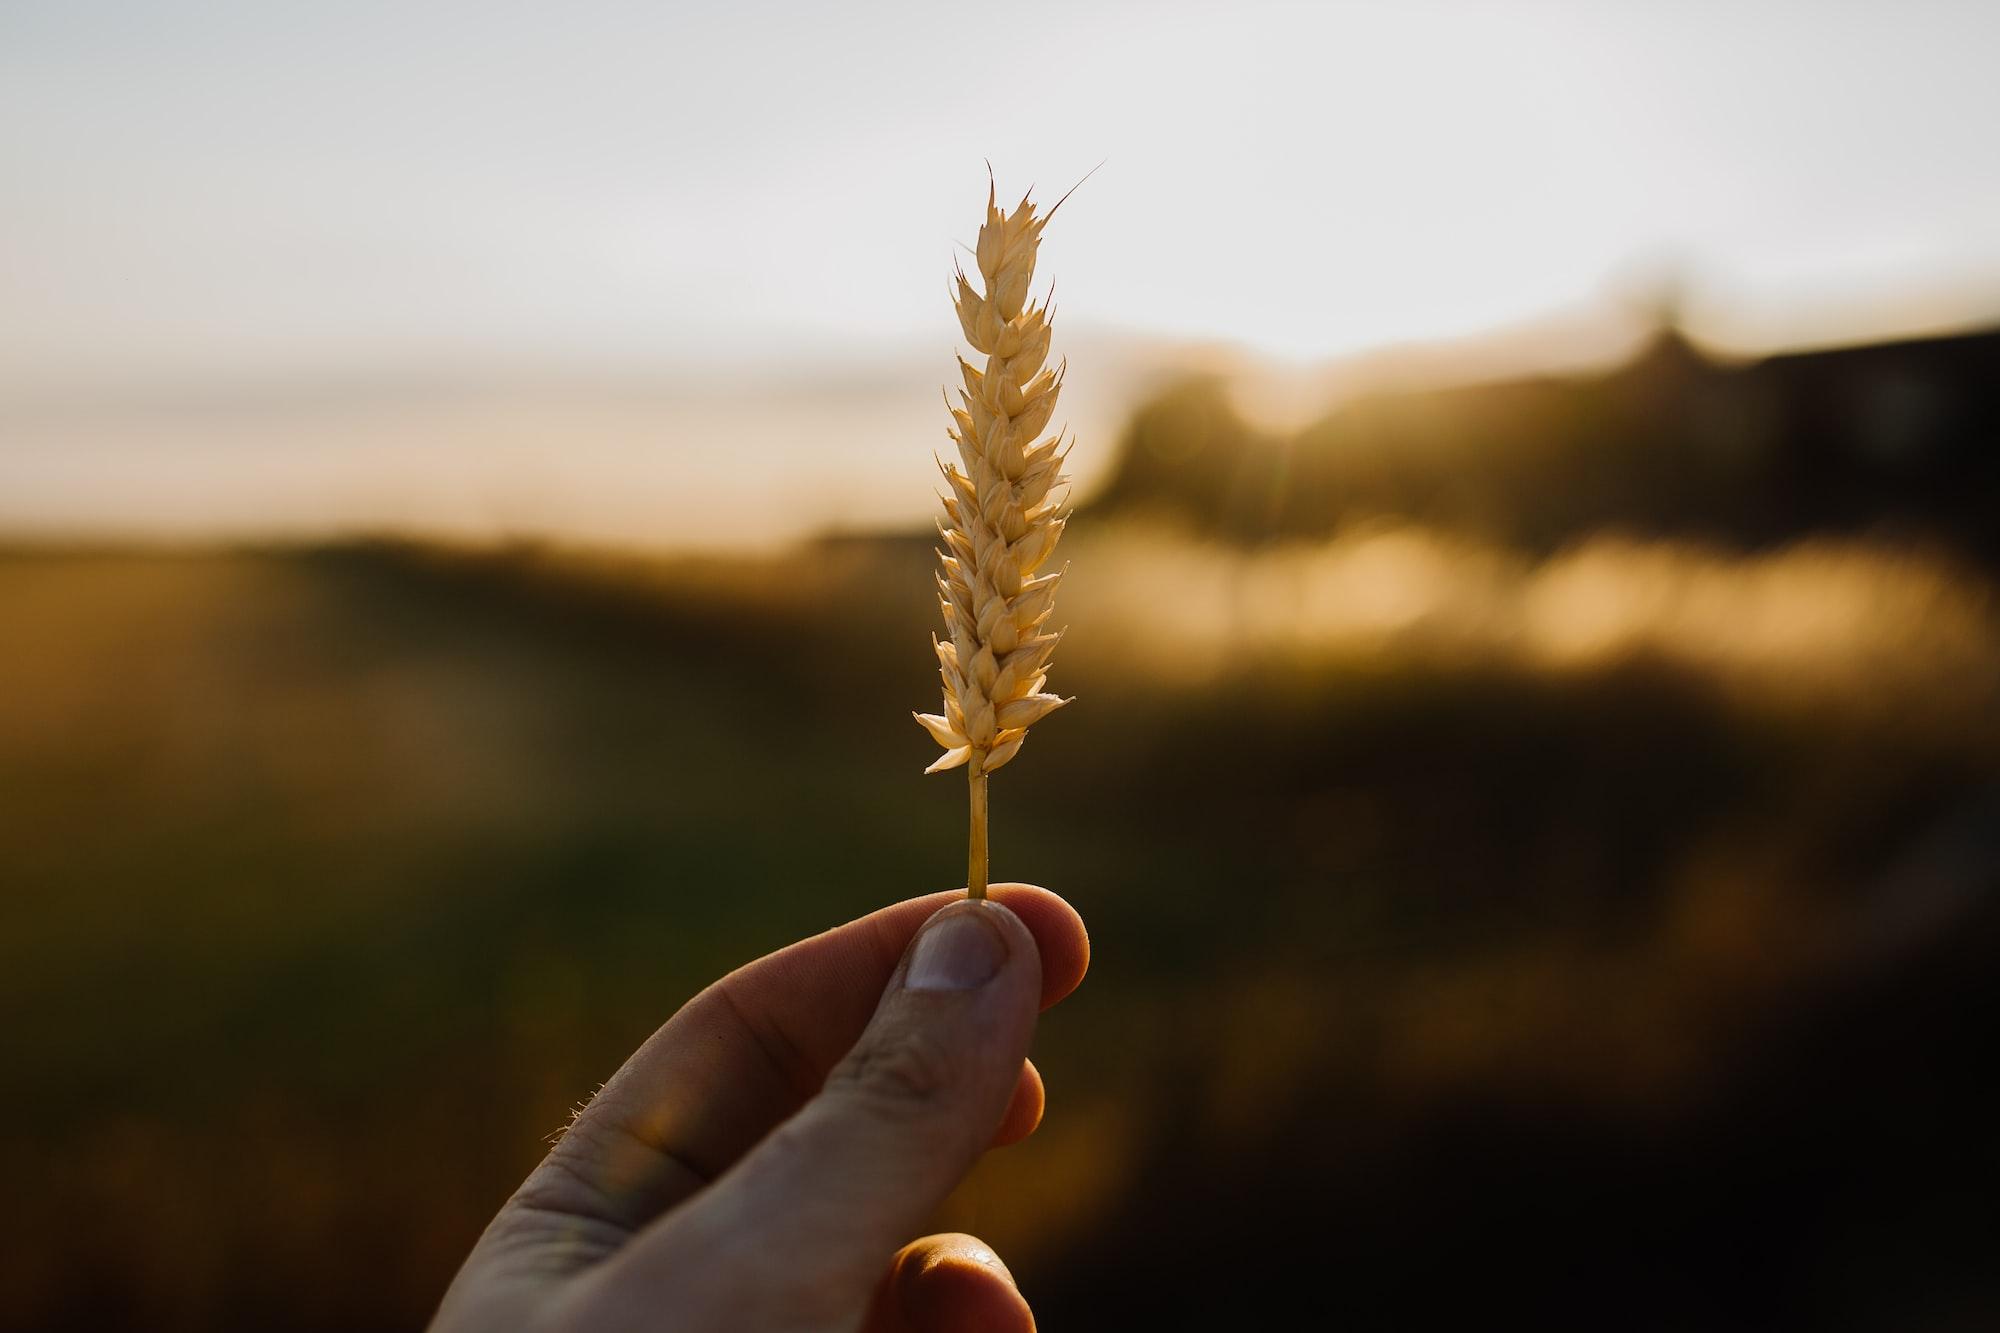 Warum vertragen so viele Menschen kein Gluten mehr und was hat das mit den alten Getreidesorten zu tun?